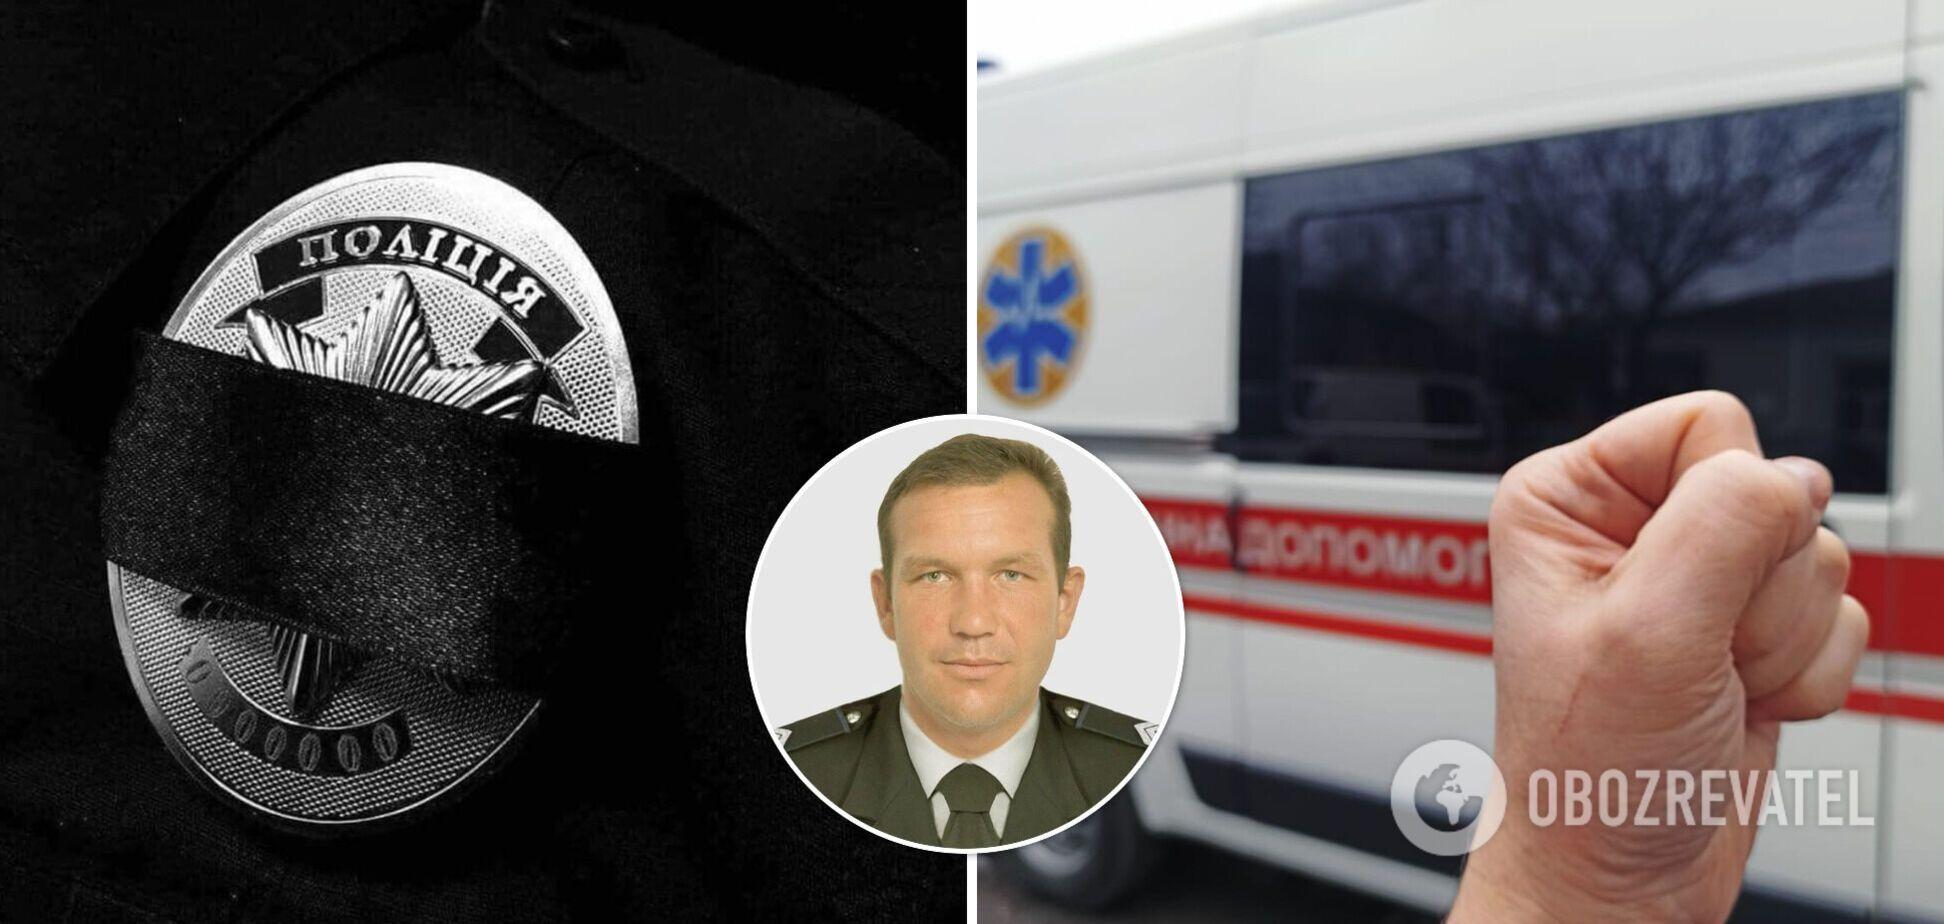 На Херсонщине психически больной мужчина напал на медиков и копов: погиб полицейский. Фото